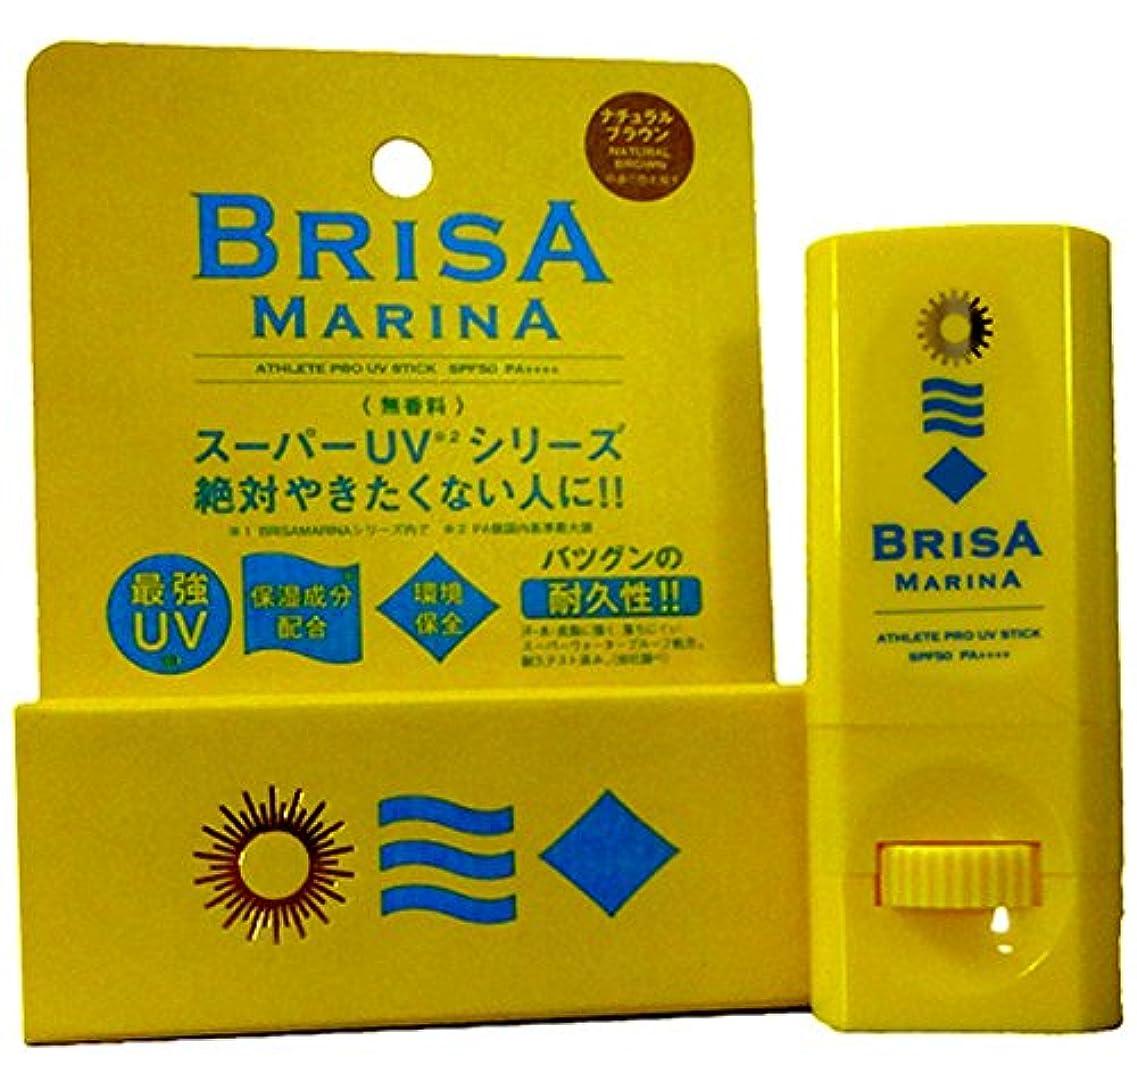 日記可愛い付添人BRISA MARINA(ブリサマリーナ) ATHLETE PRO UV STICK 10g 日焼け止め スティック (01-WHITE)